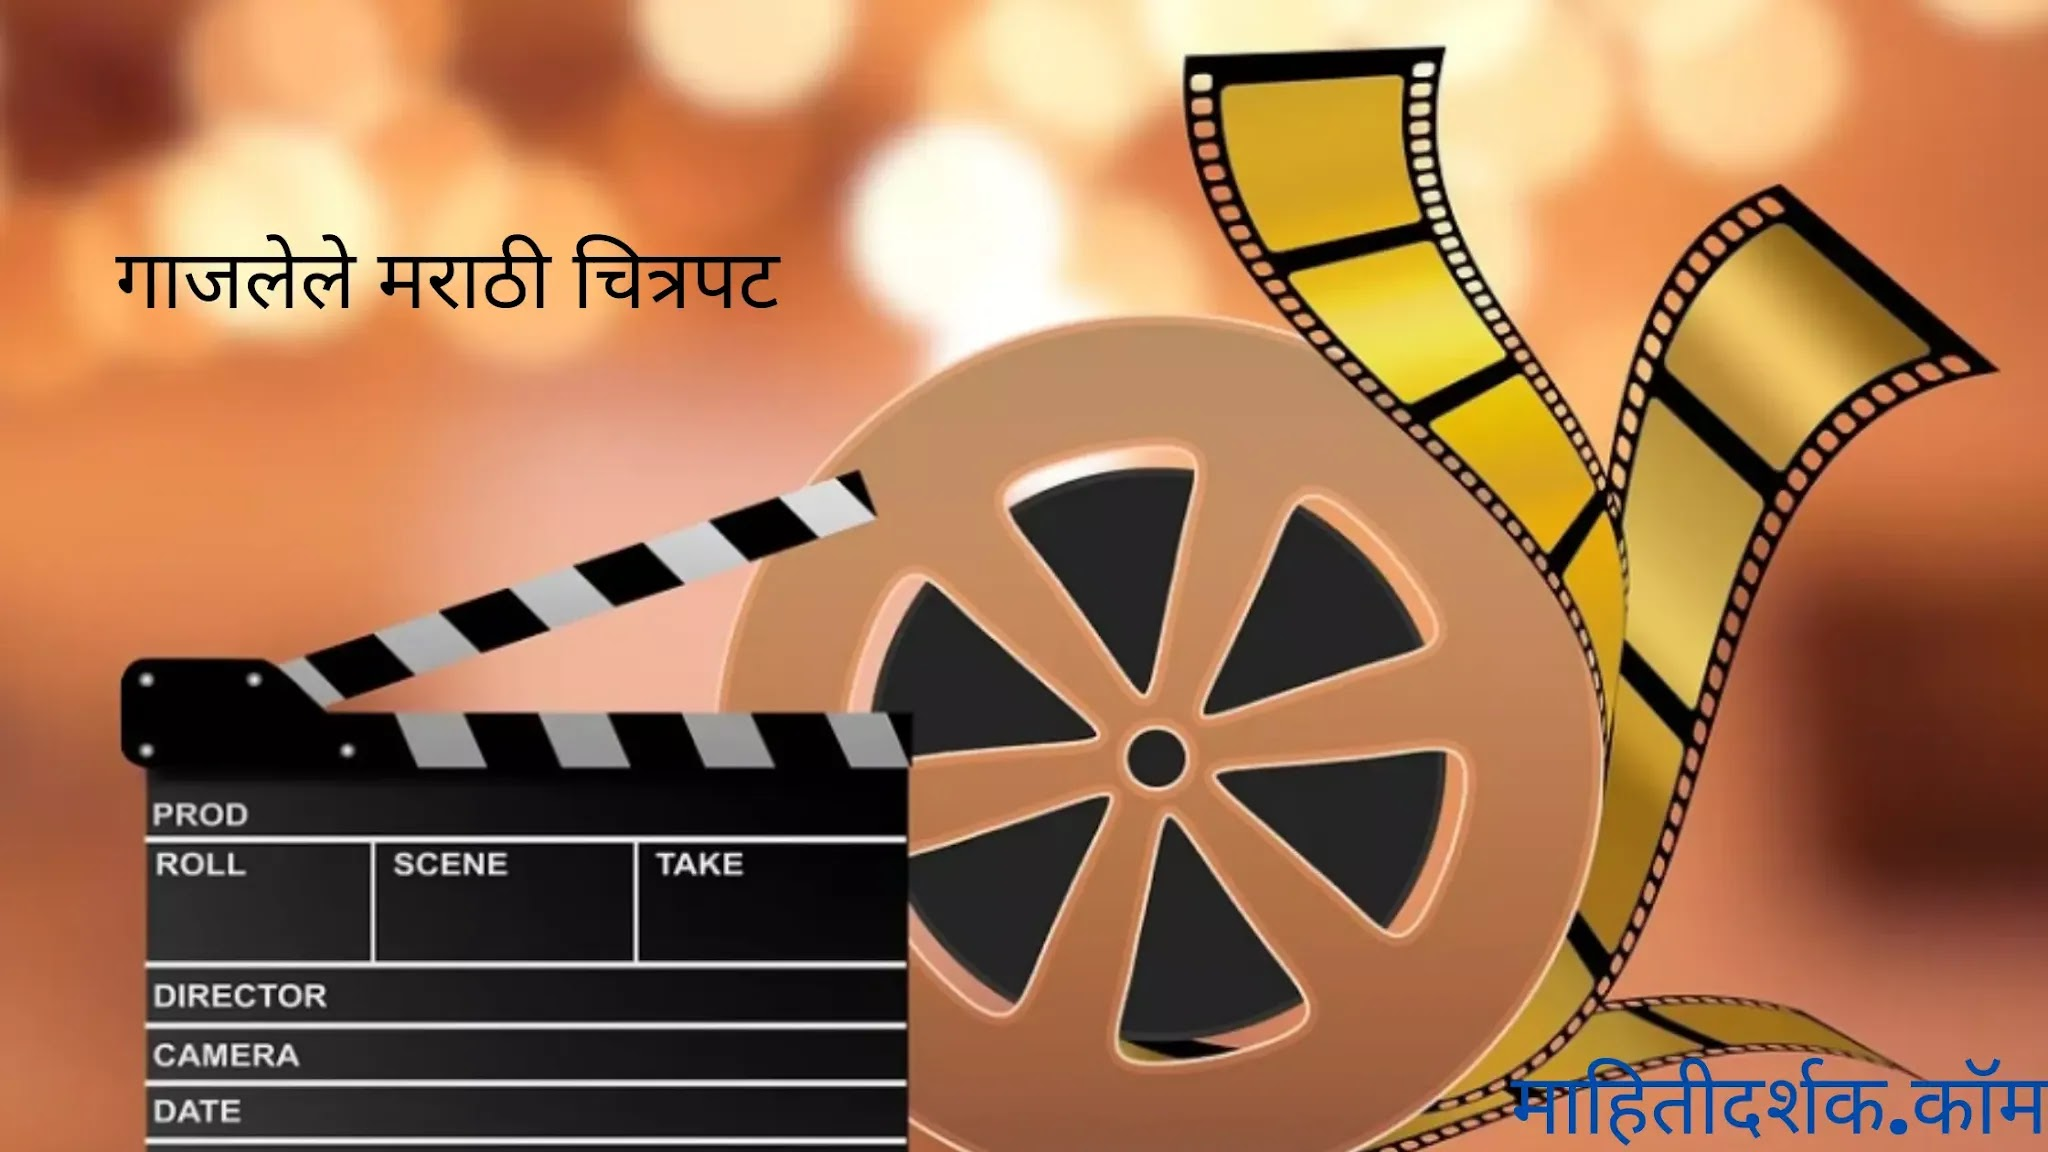 Famous Marathi movies in marathi